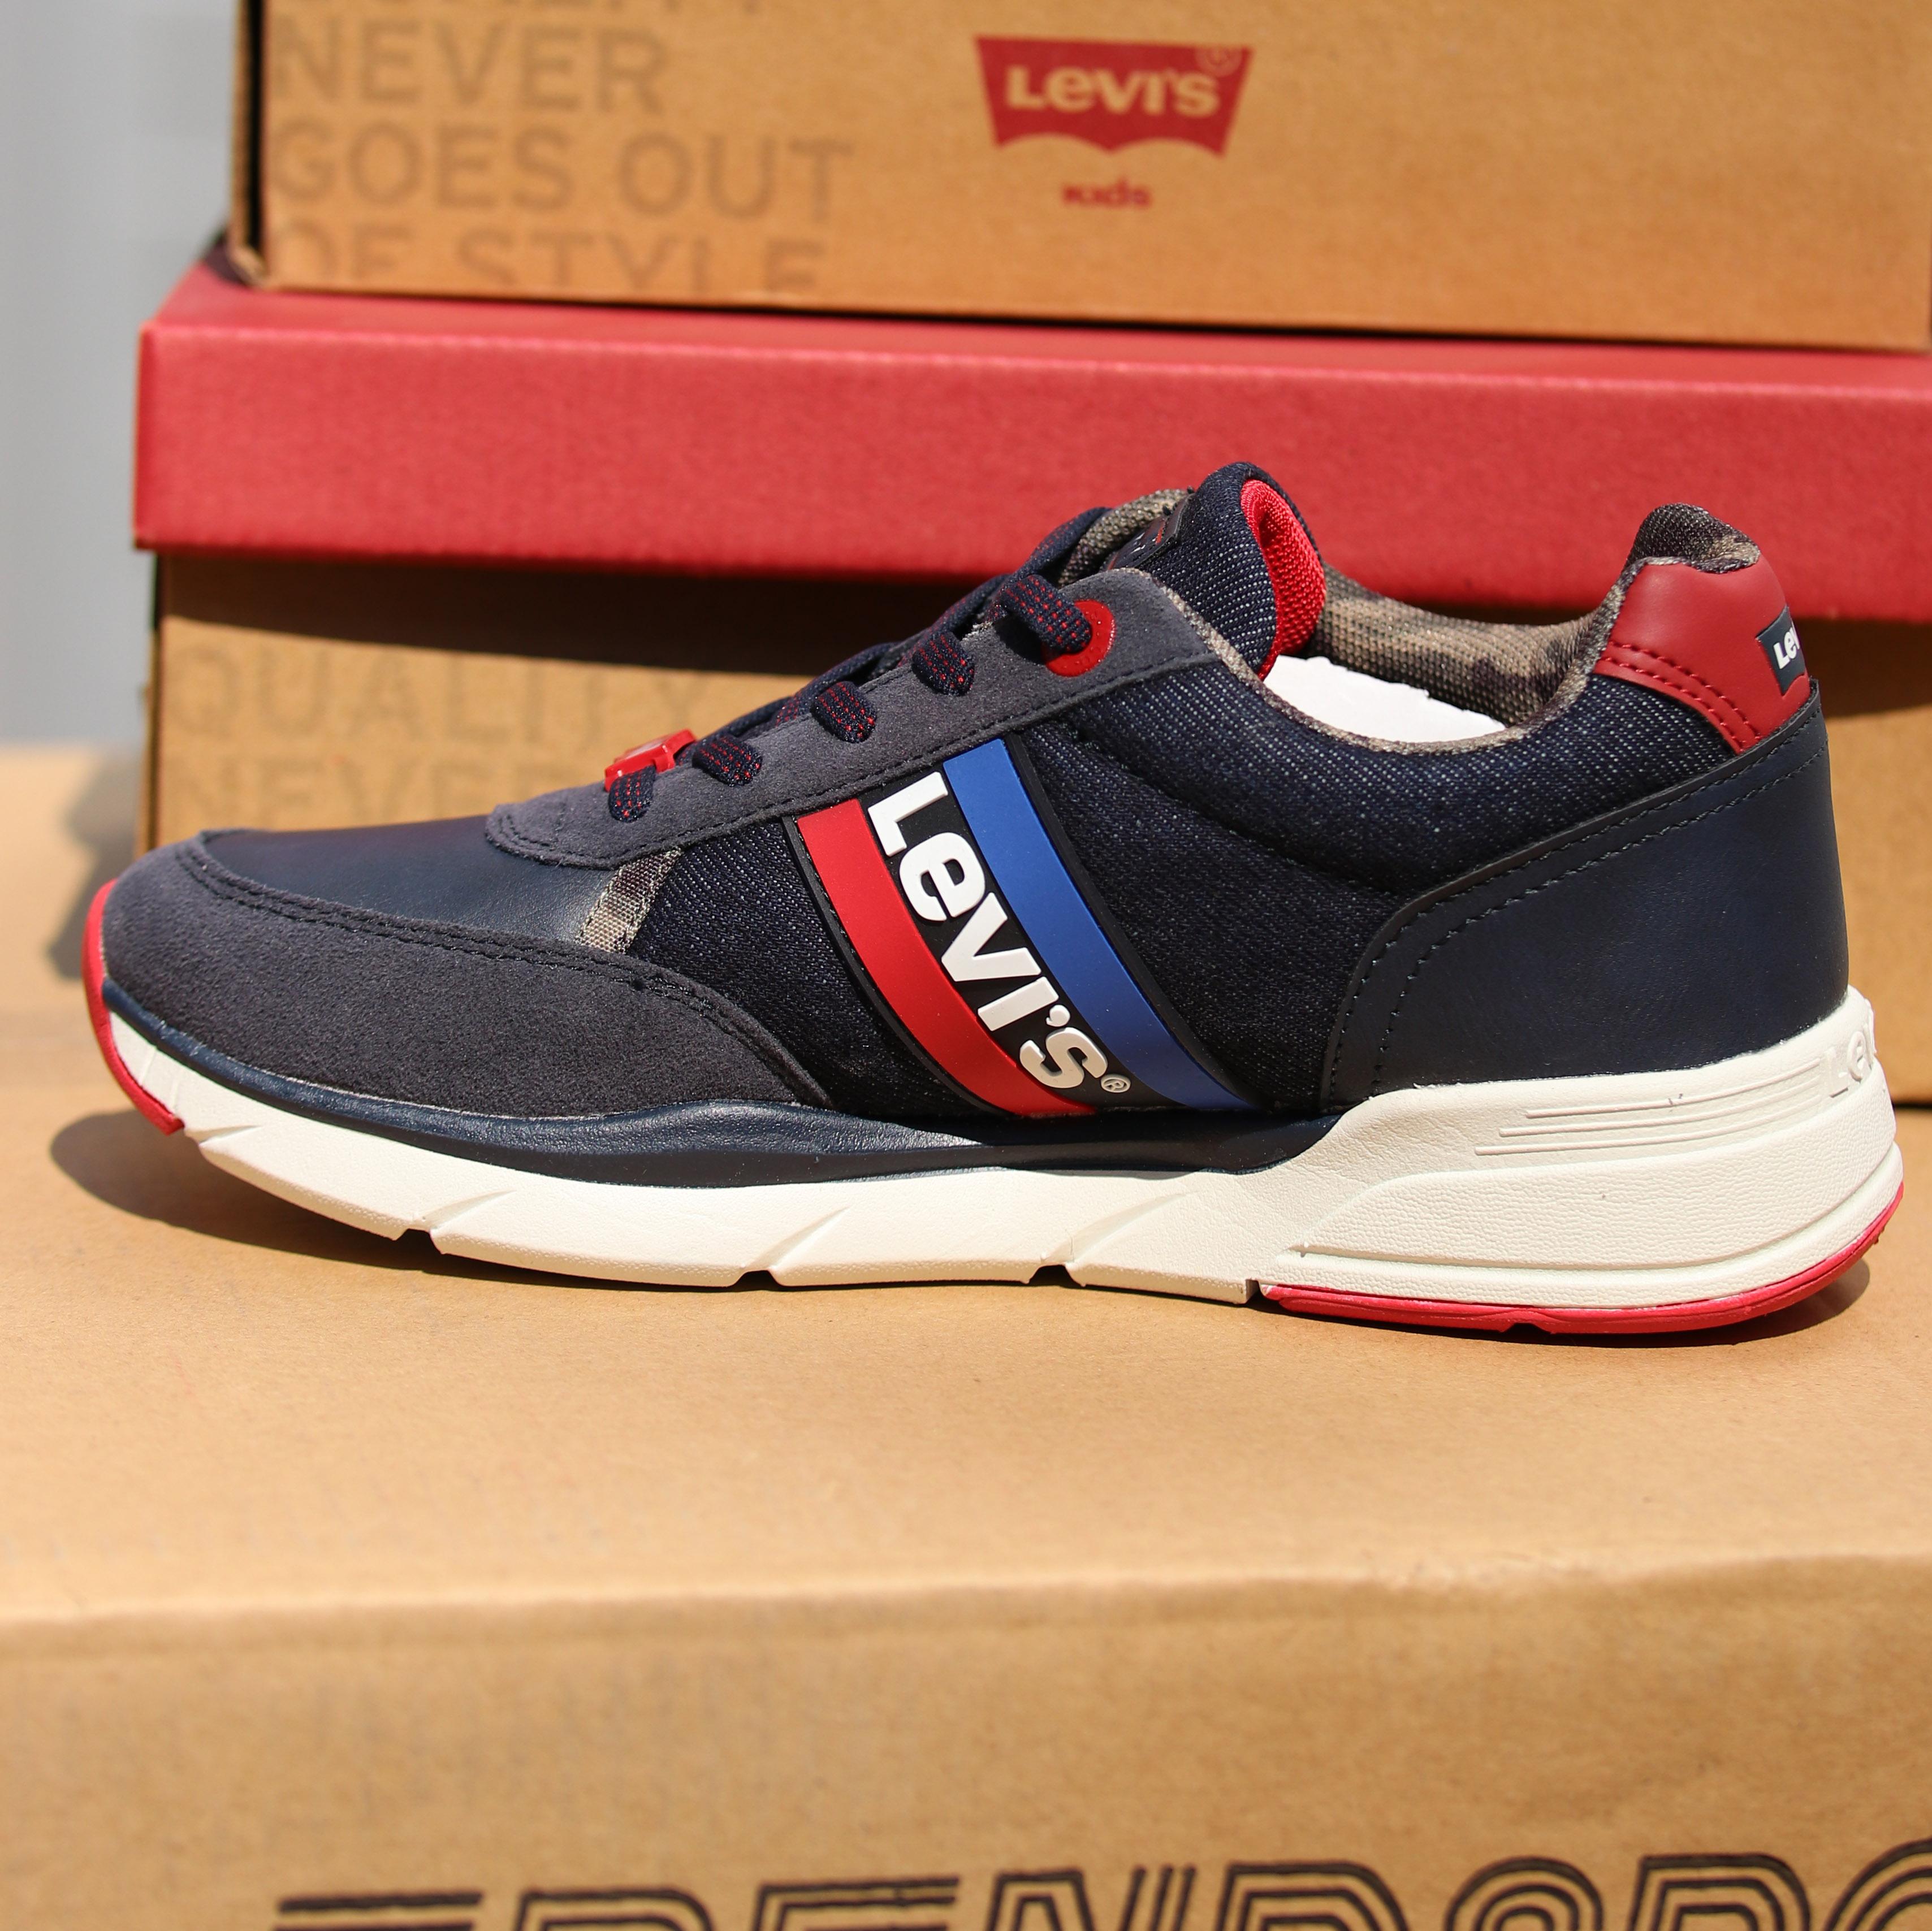 levis new oregon blå sko til barn sommersko3